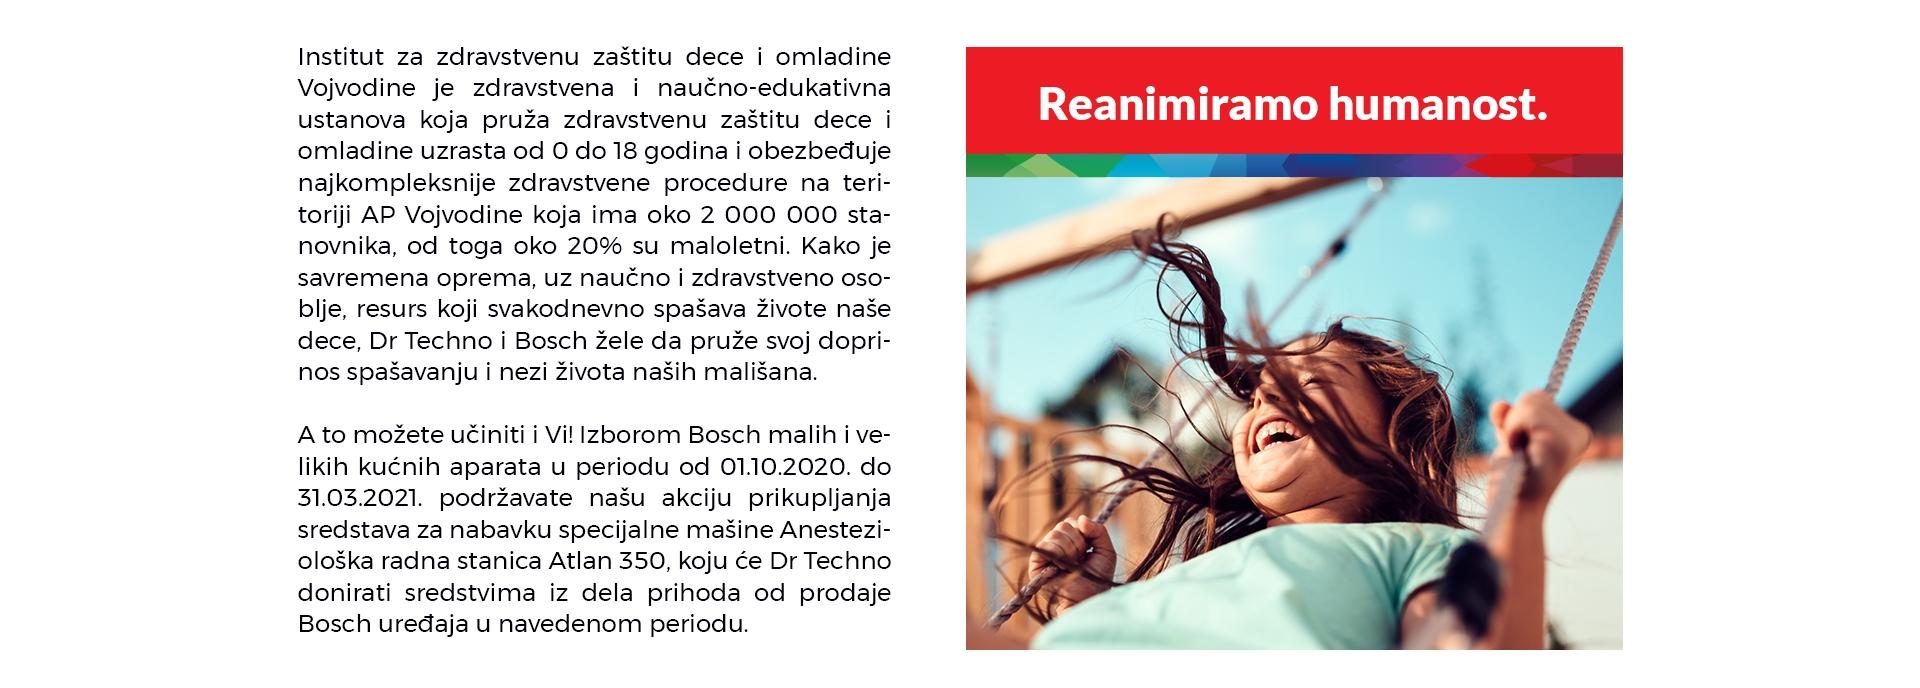 Institut za zdravstvenu zaštitu dece i omladine Vojvodine je zdravstvena i naučno-edukativna ustanova koja pruža zdravstvenu zaštitu dece i omladine uzrasta od 0 do 18 godina i obezbeđuje najkompleksnije zdravstvene procedure na teritoriji AP Vojvodine koja ima oko 2 000 000 stanovnika, od toga oko 20% su maloletni. Kako je savremena oprema, uz naučno i zdravstveno osoblje, resurs koji svakodnevno spašava živote naše dece, Dr Techno i Bosch žele da pruže svoj doprinos spašavanju i nezi života naših mališana.   A to možete učiniti i Vi! Izborom Bosch malih i velikih kućnih aparata u periodu od 01.10.2020. do 31.03.2021. podržavate našu akciju prikupljanja sredstava za nabavku specijalne mašine Anesteziološka radna stanica Atlan 350, koju će Dr Techno donirati sredstvima iz dela prihoda od prodaje Bosch uređaja u navedenom periodu